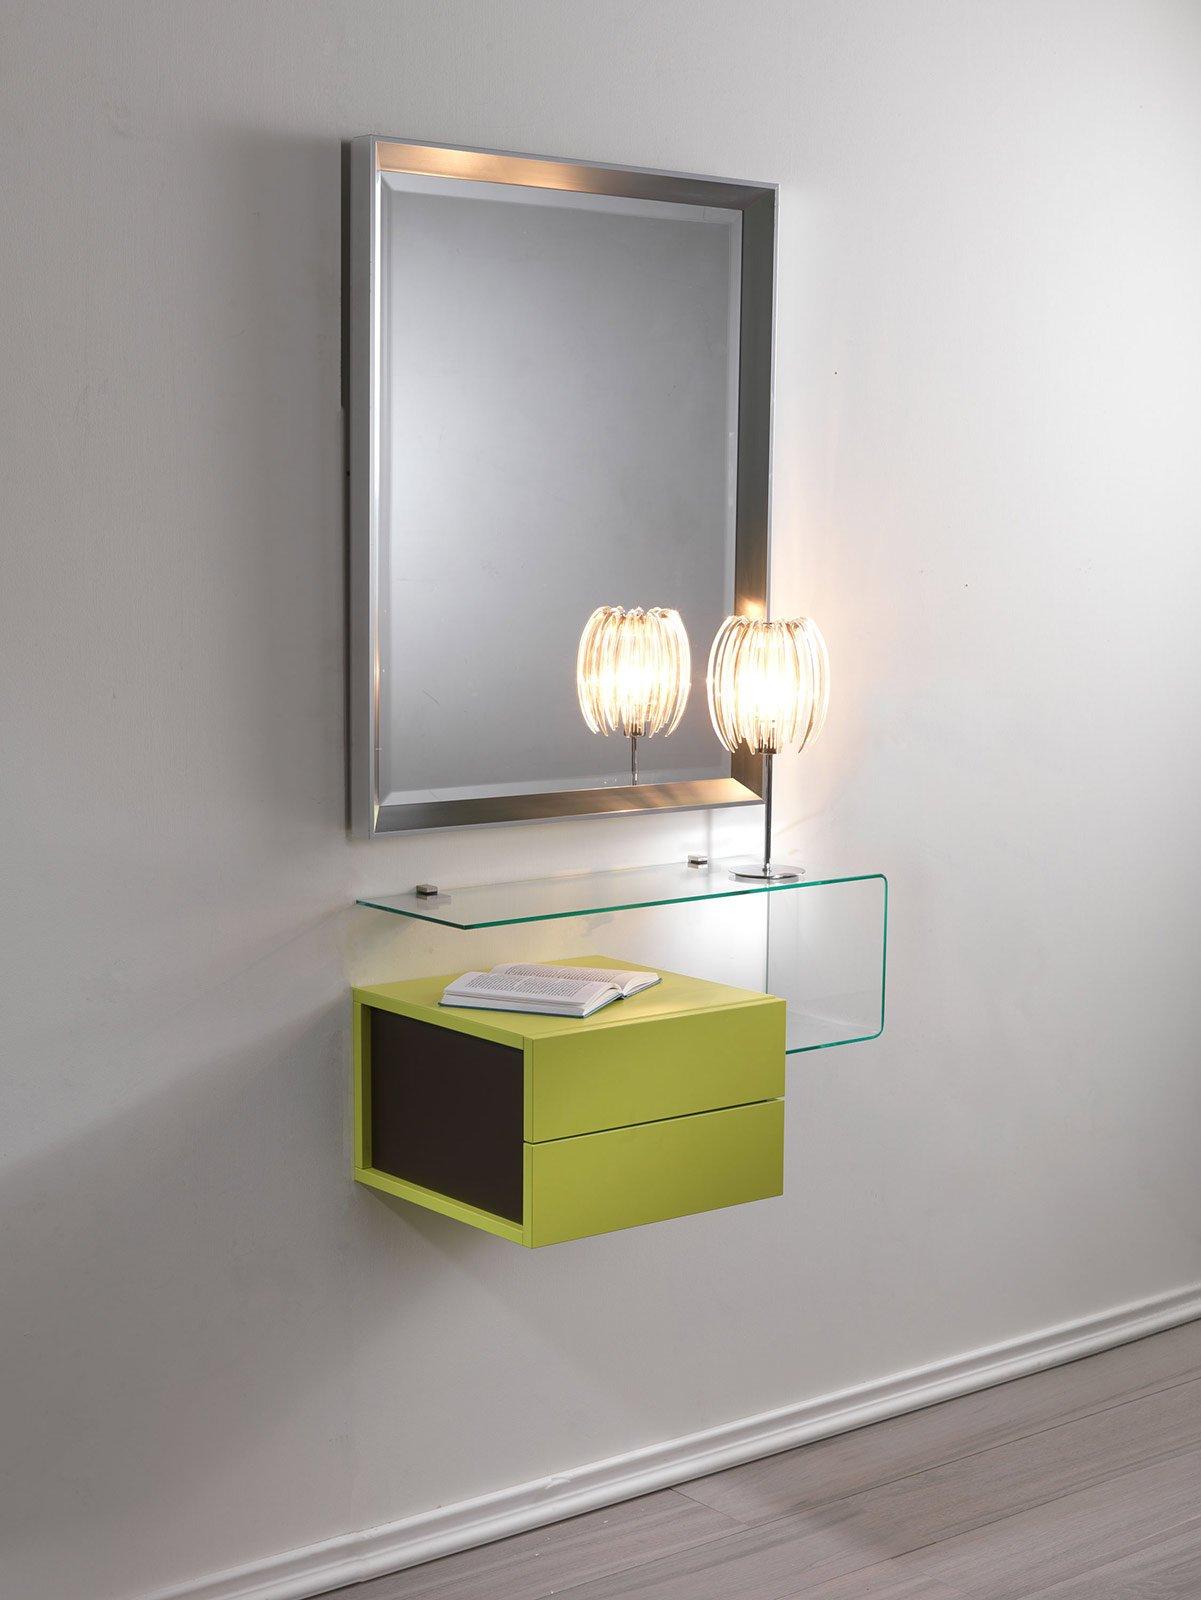 Hai poco spazio scegli la console cose di casa - Creare un bagno in poco spazio ...